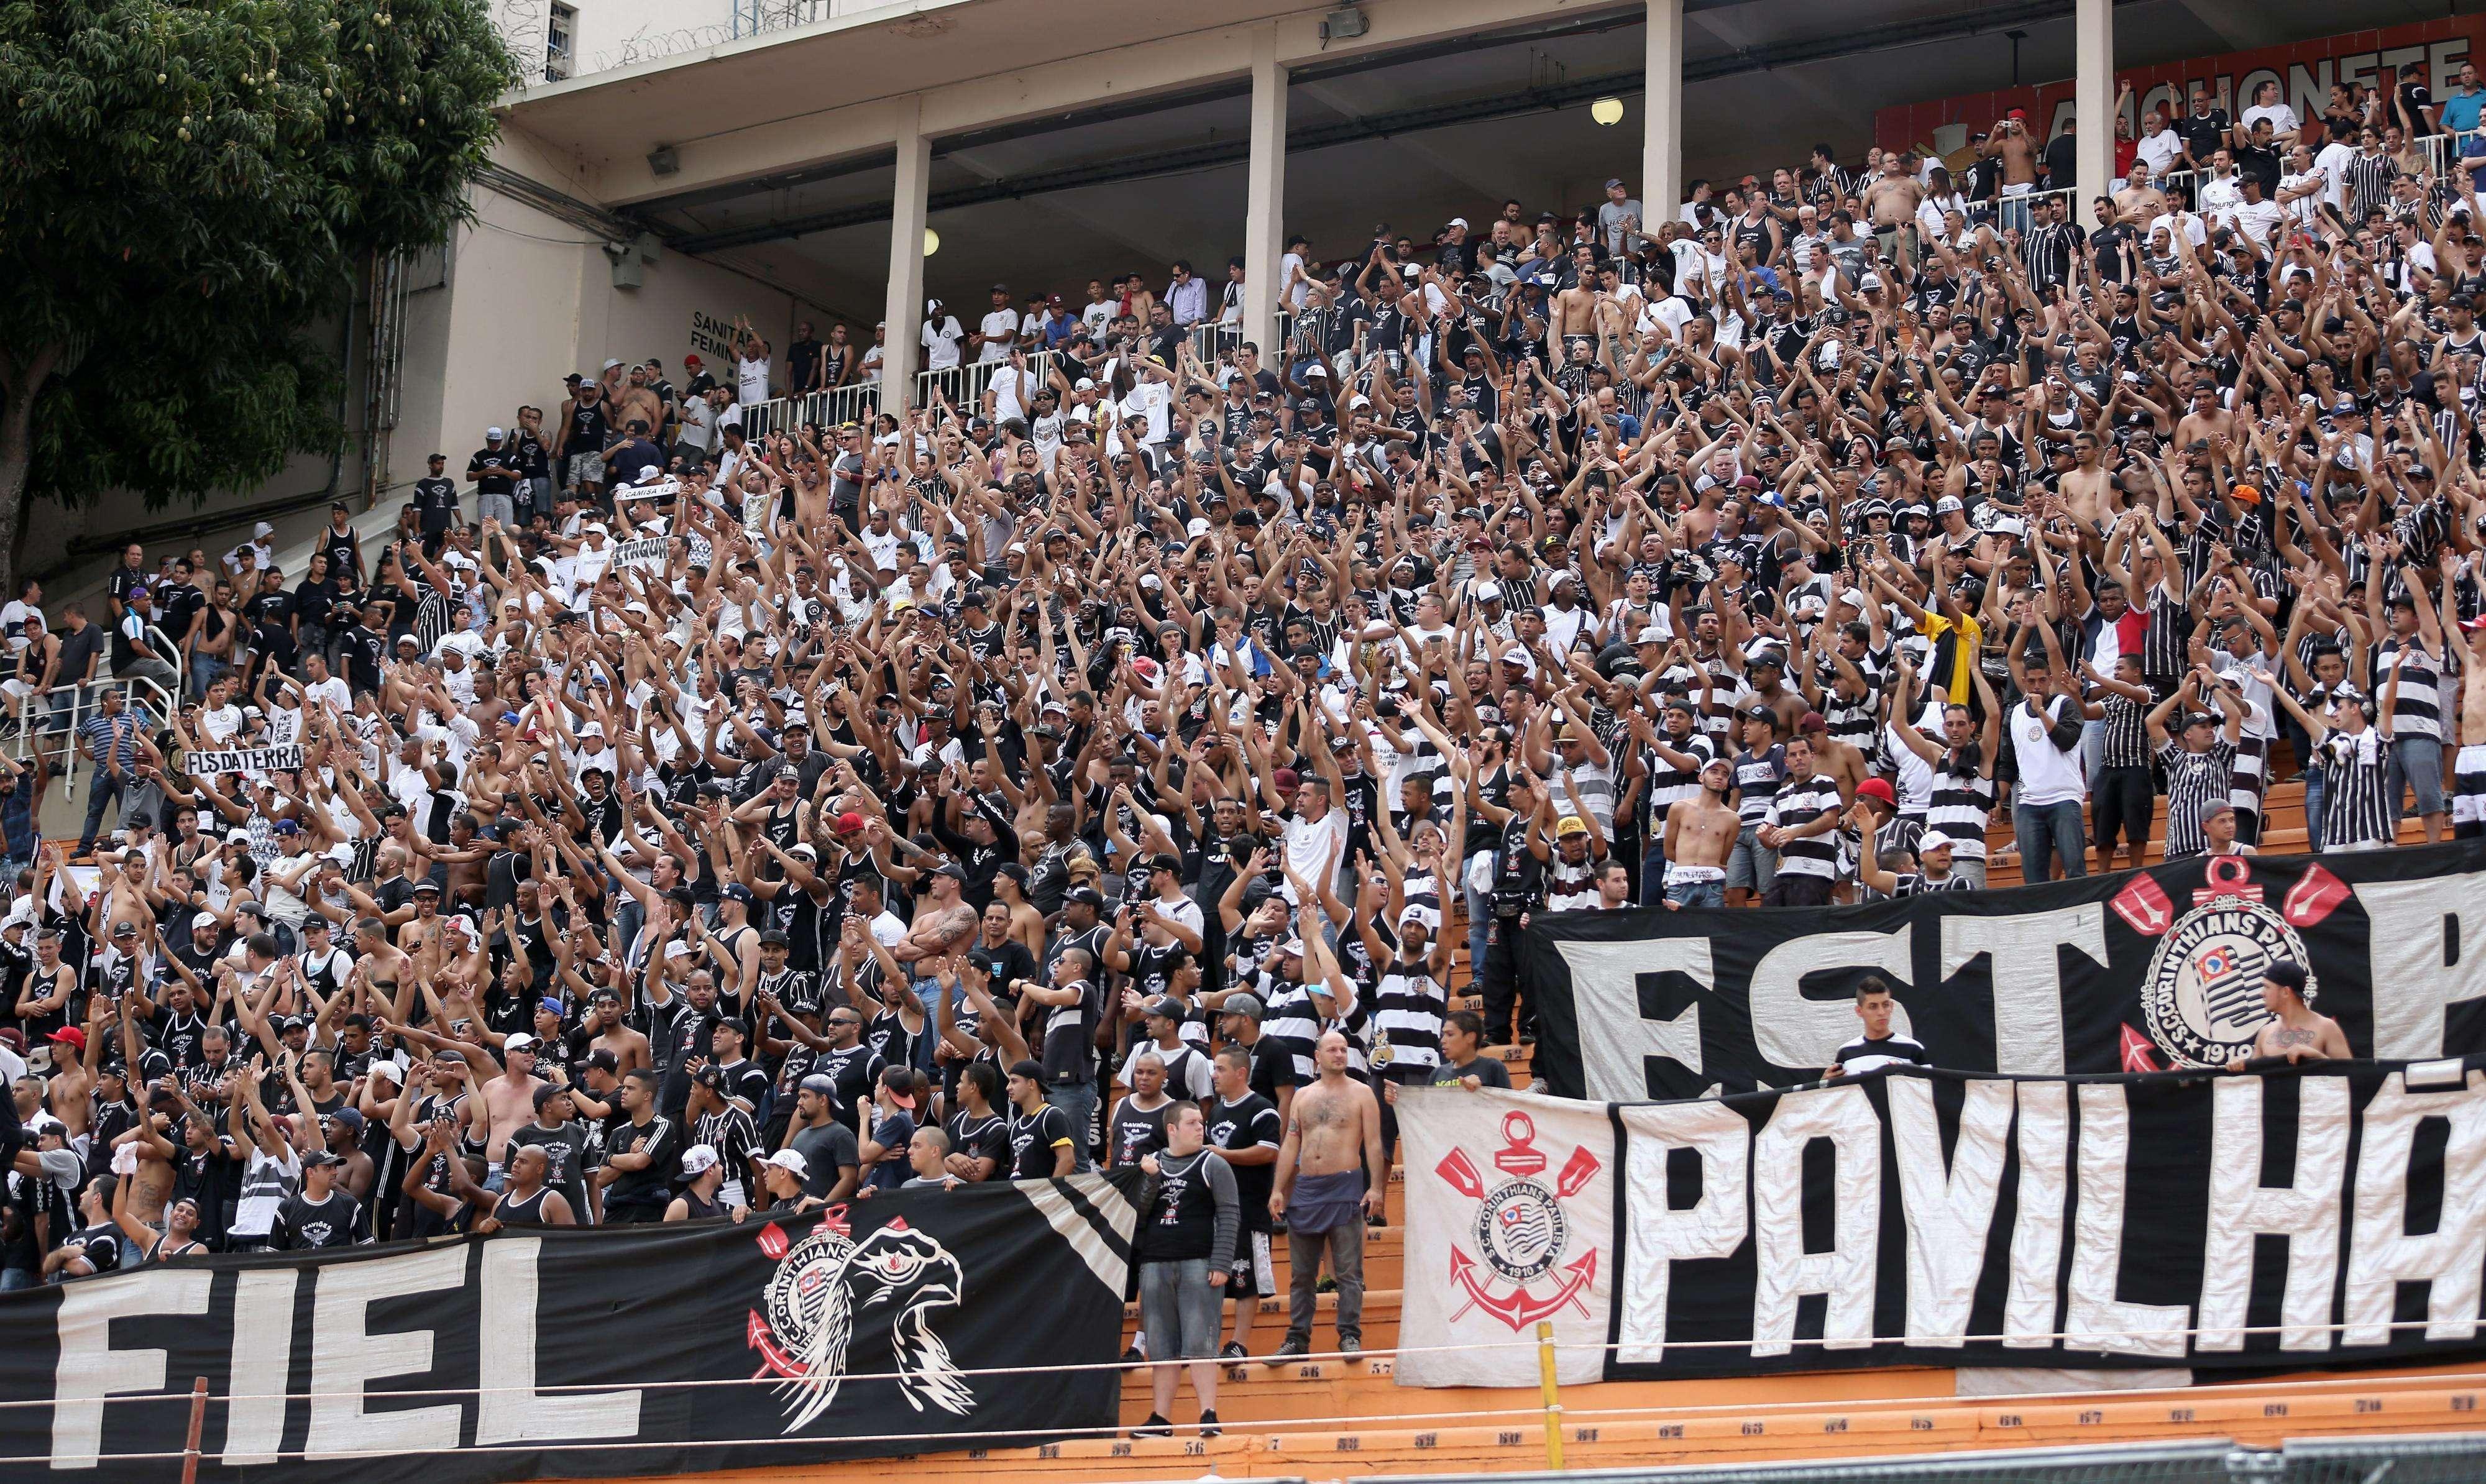 Torcida do Corinthians marca presença no Pacaembu para clássico contra Palmeiras Foto: Friedemann Vogel/Getty Images